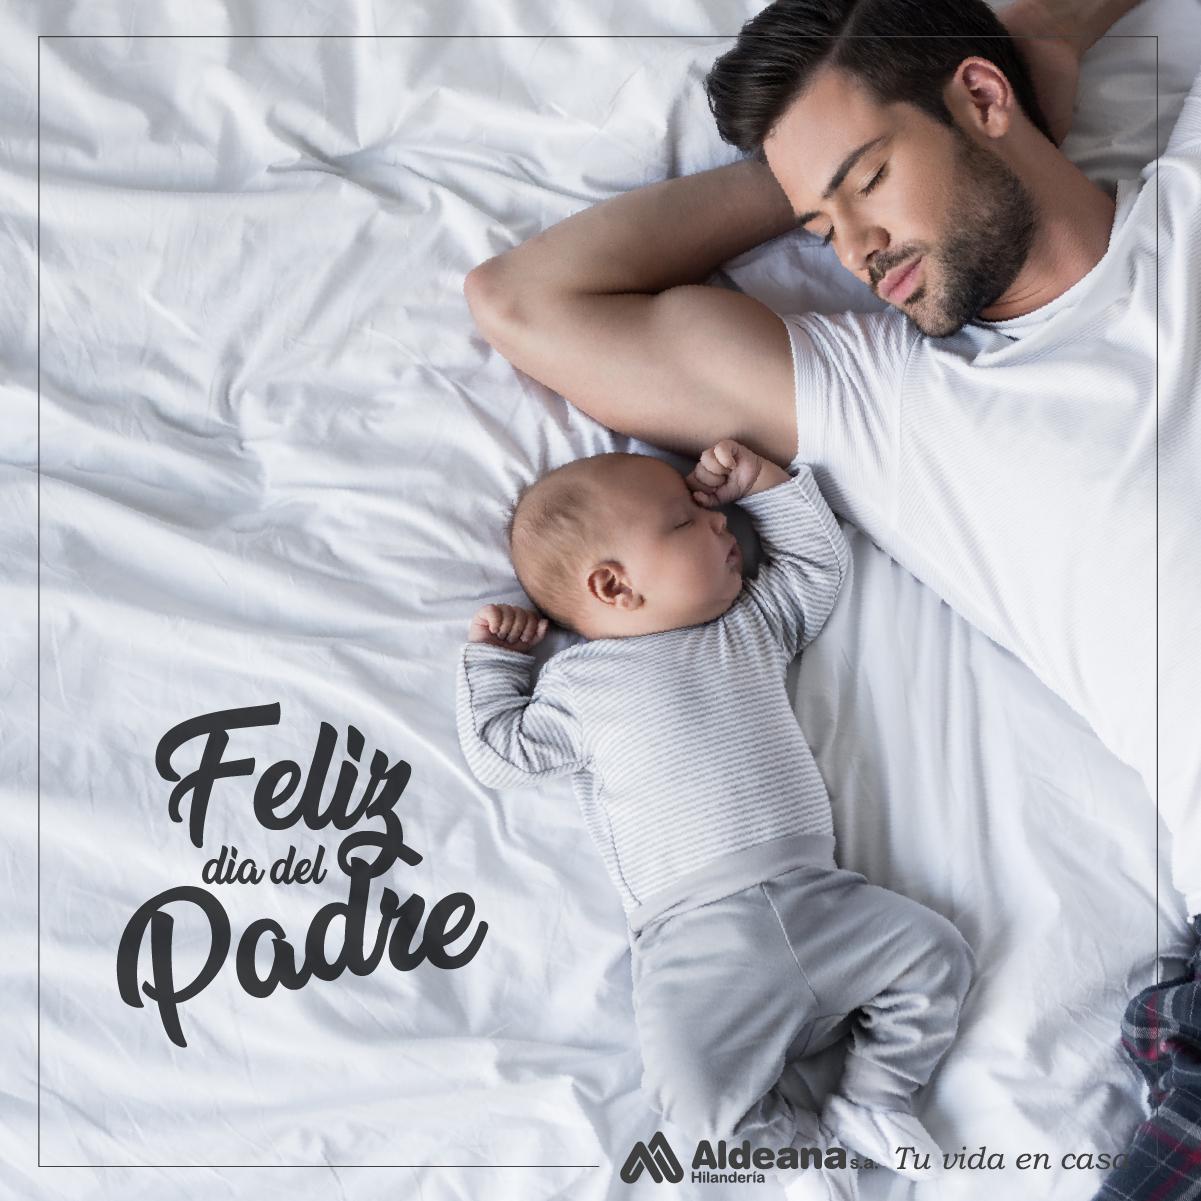 Feliz día del Padre - ALDEANA